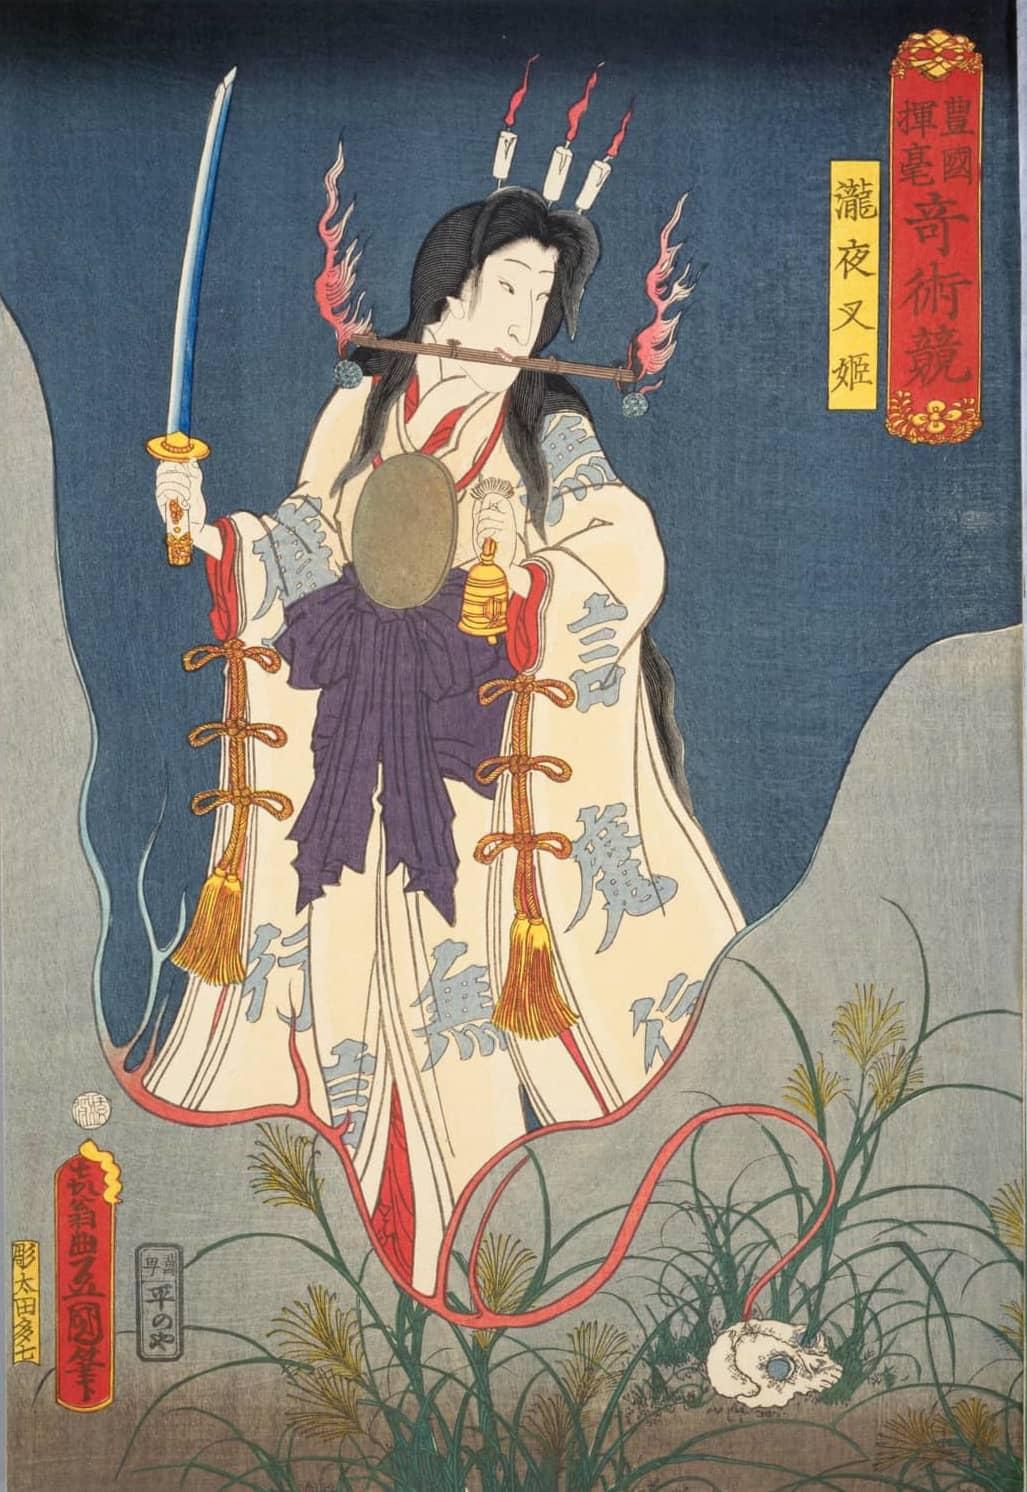 滝夜叉姫(たきやしゃひめ) ~ 父・平将門の恨みを晴らさんと、鬼となって謀反